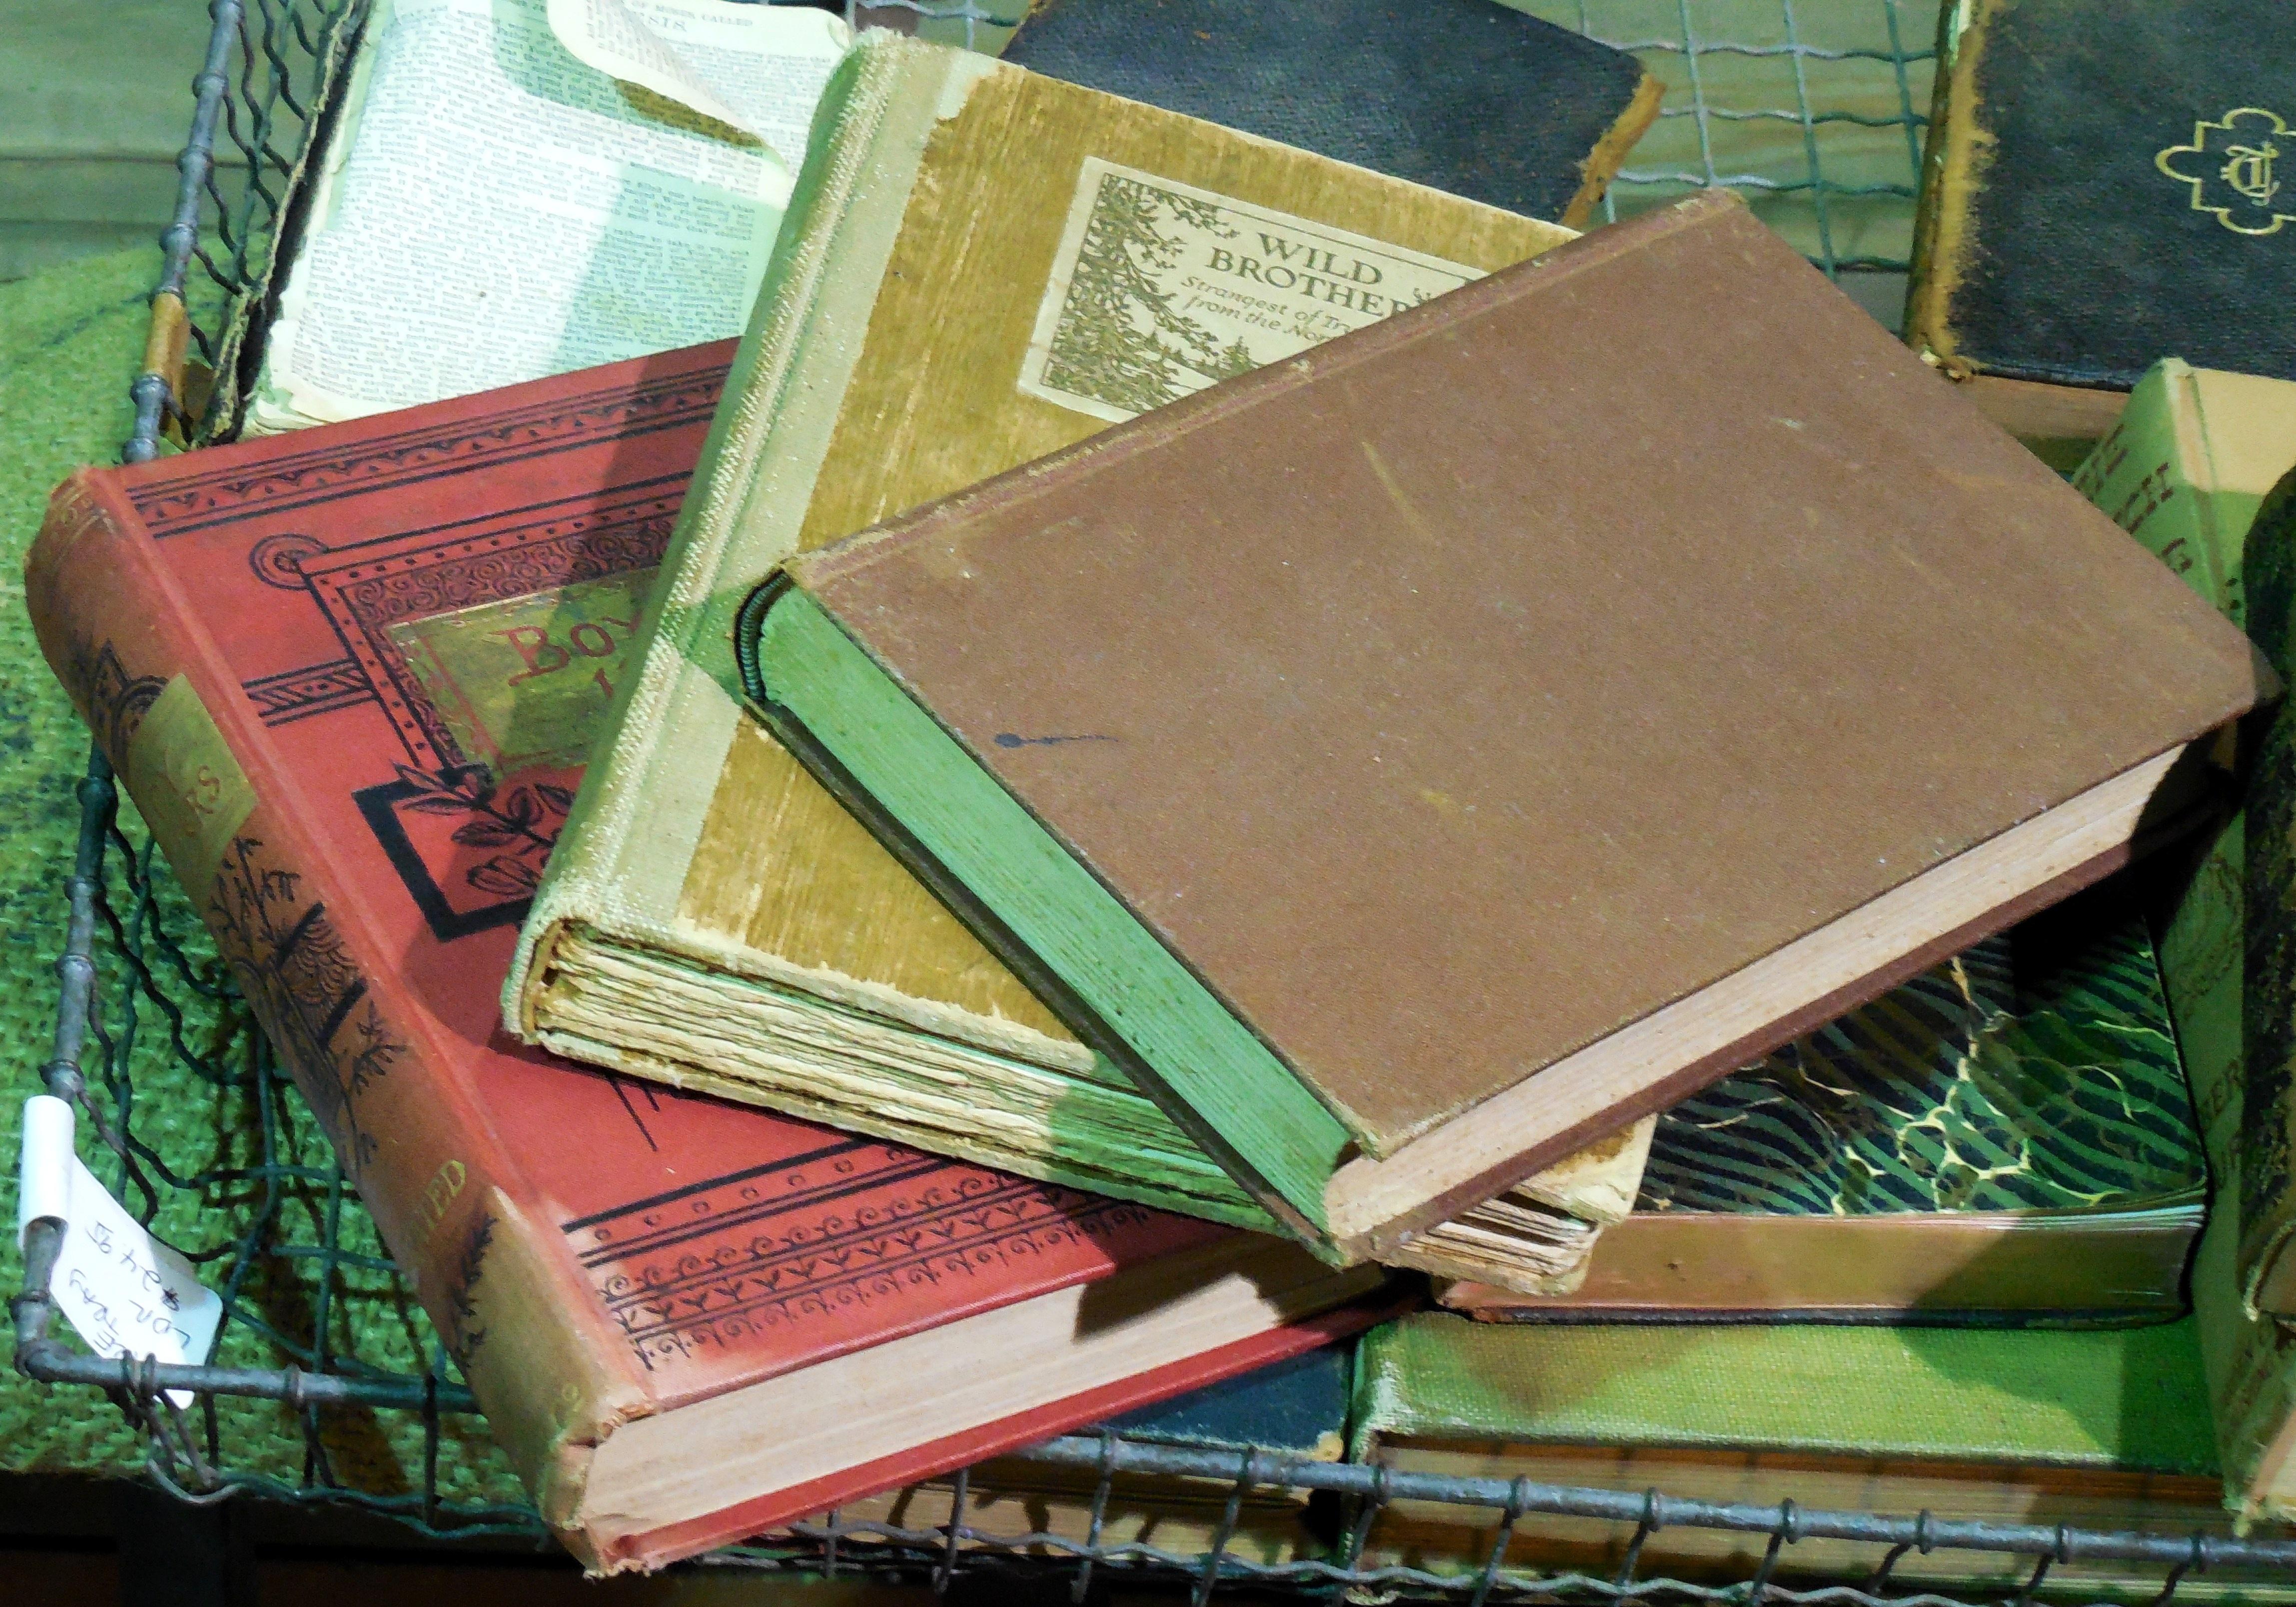 Extrêmement Images Gratuites : livre, bois, blanc, cru, antique, Rétro  MJ37